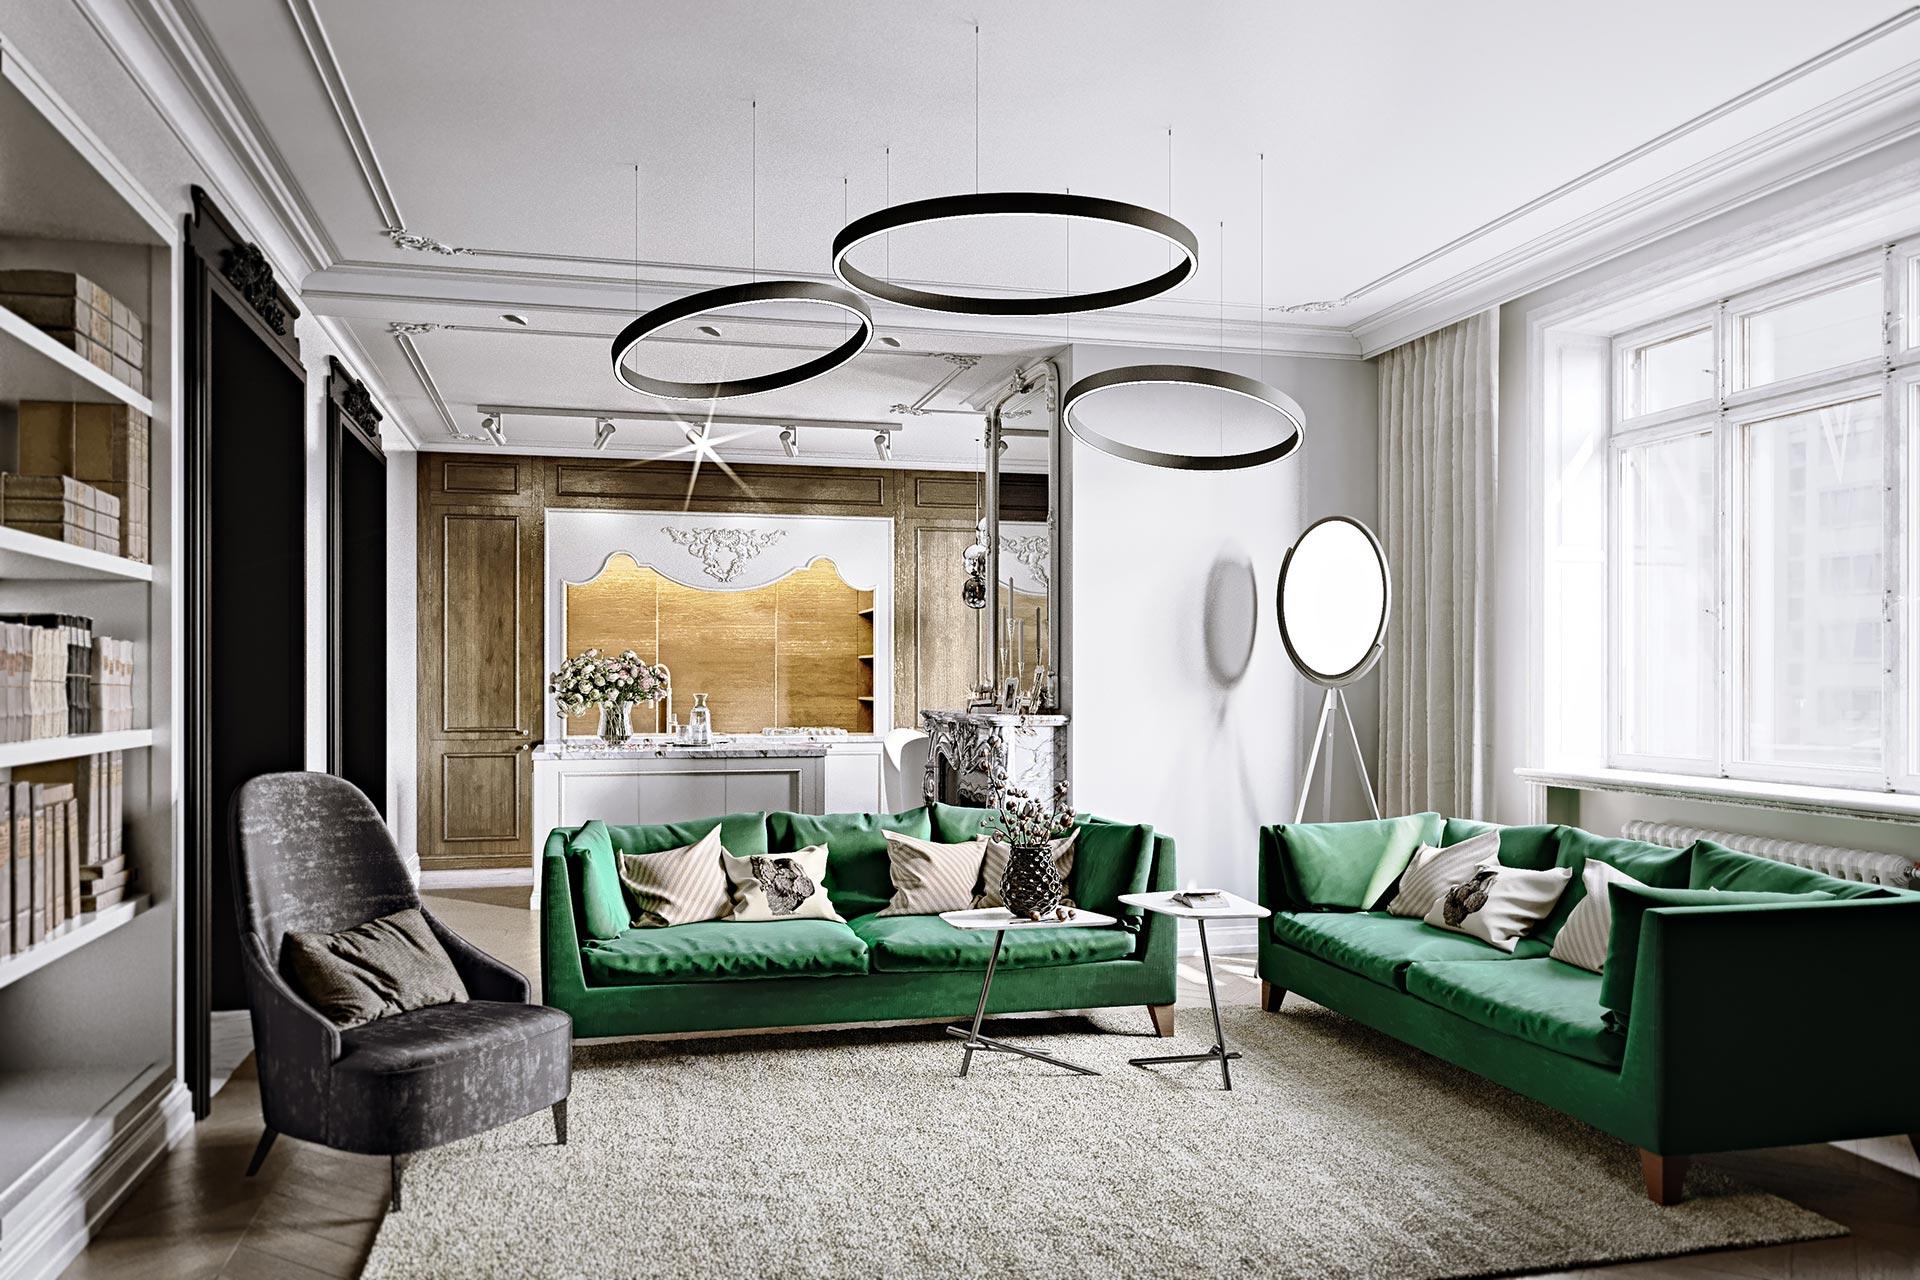 3D-визуализация интерьера квартиры в стиле французский классицизм